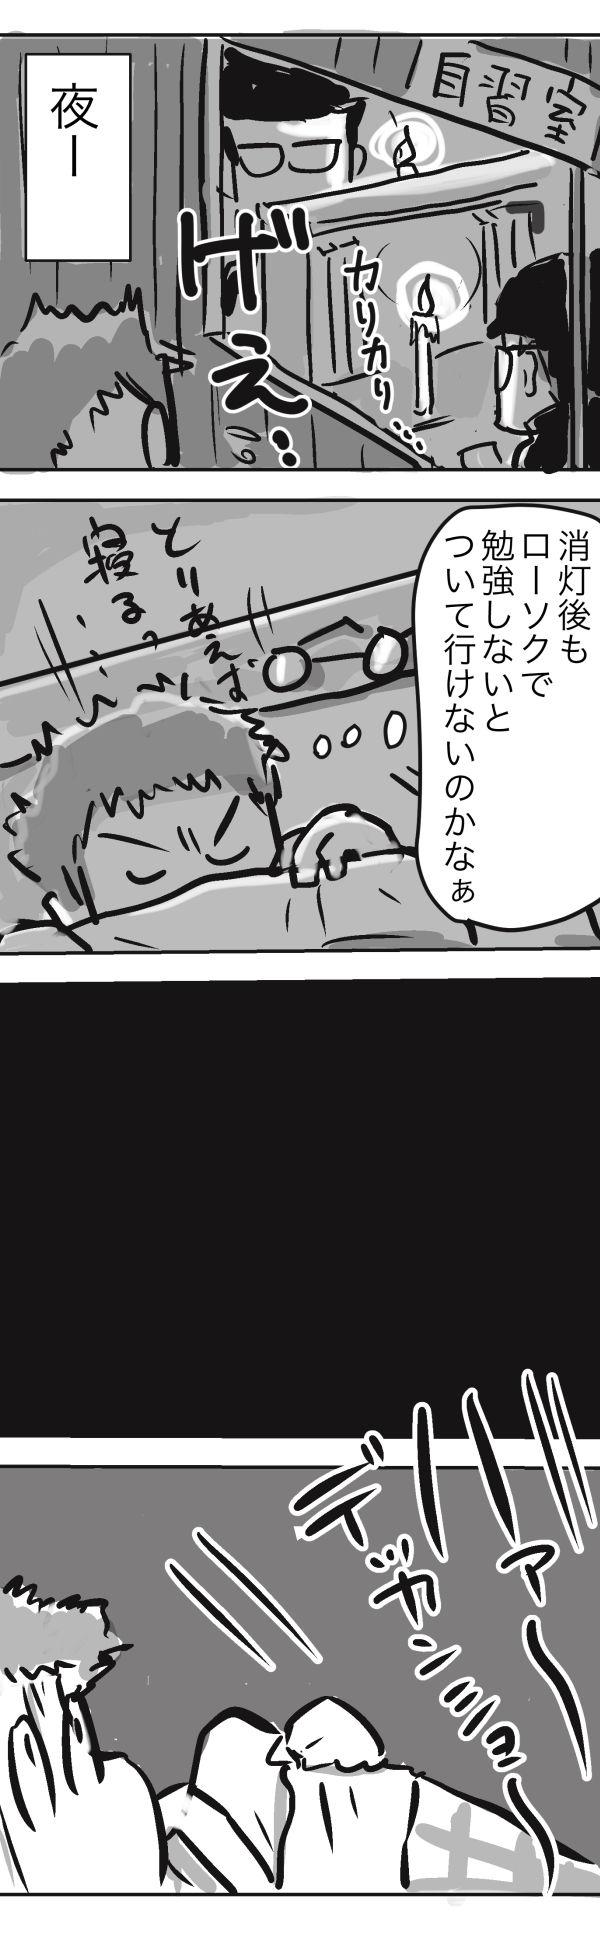 山田金沢2−3−4